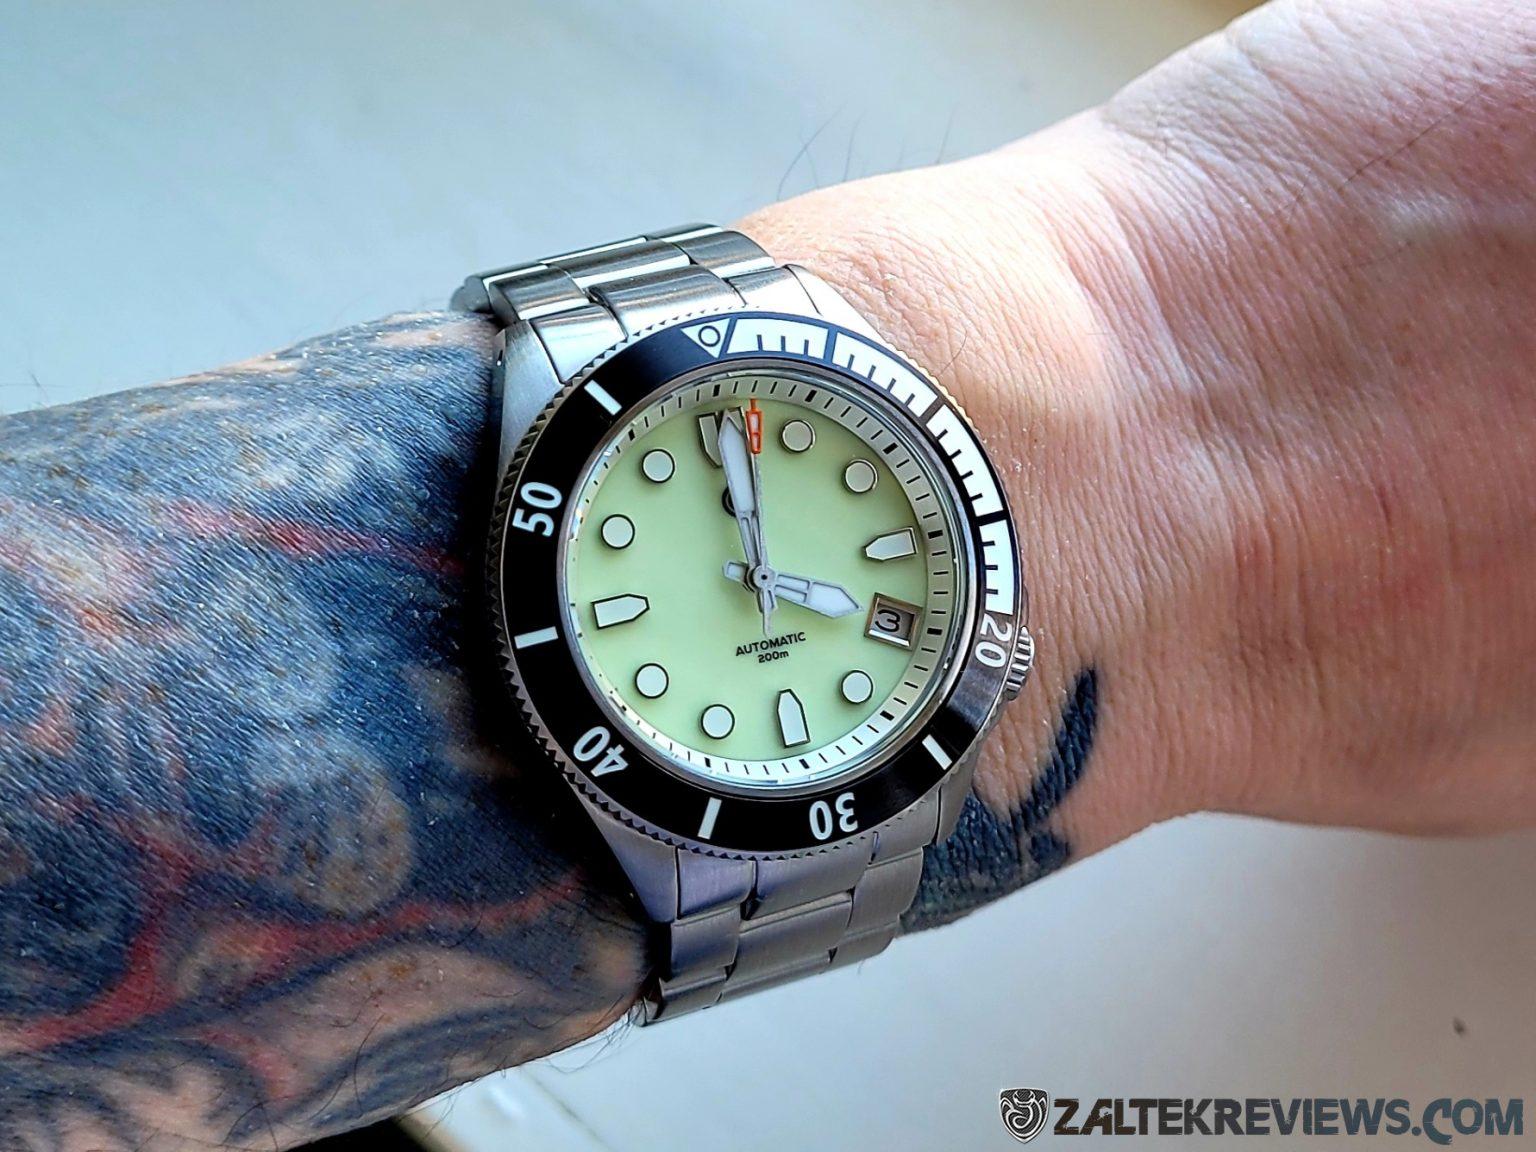 Signum Cuda Dive Watch Review